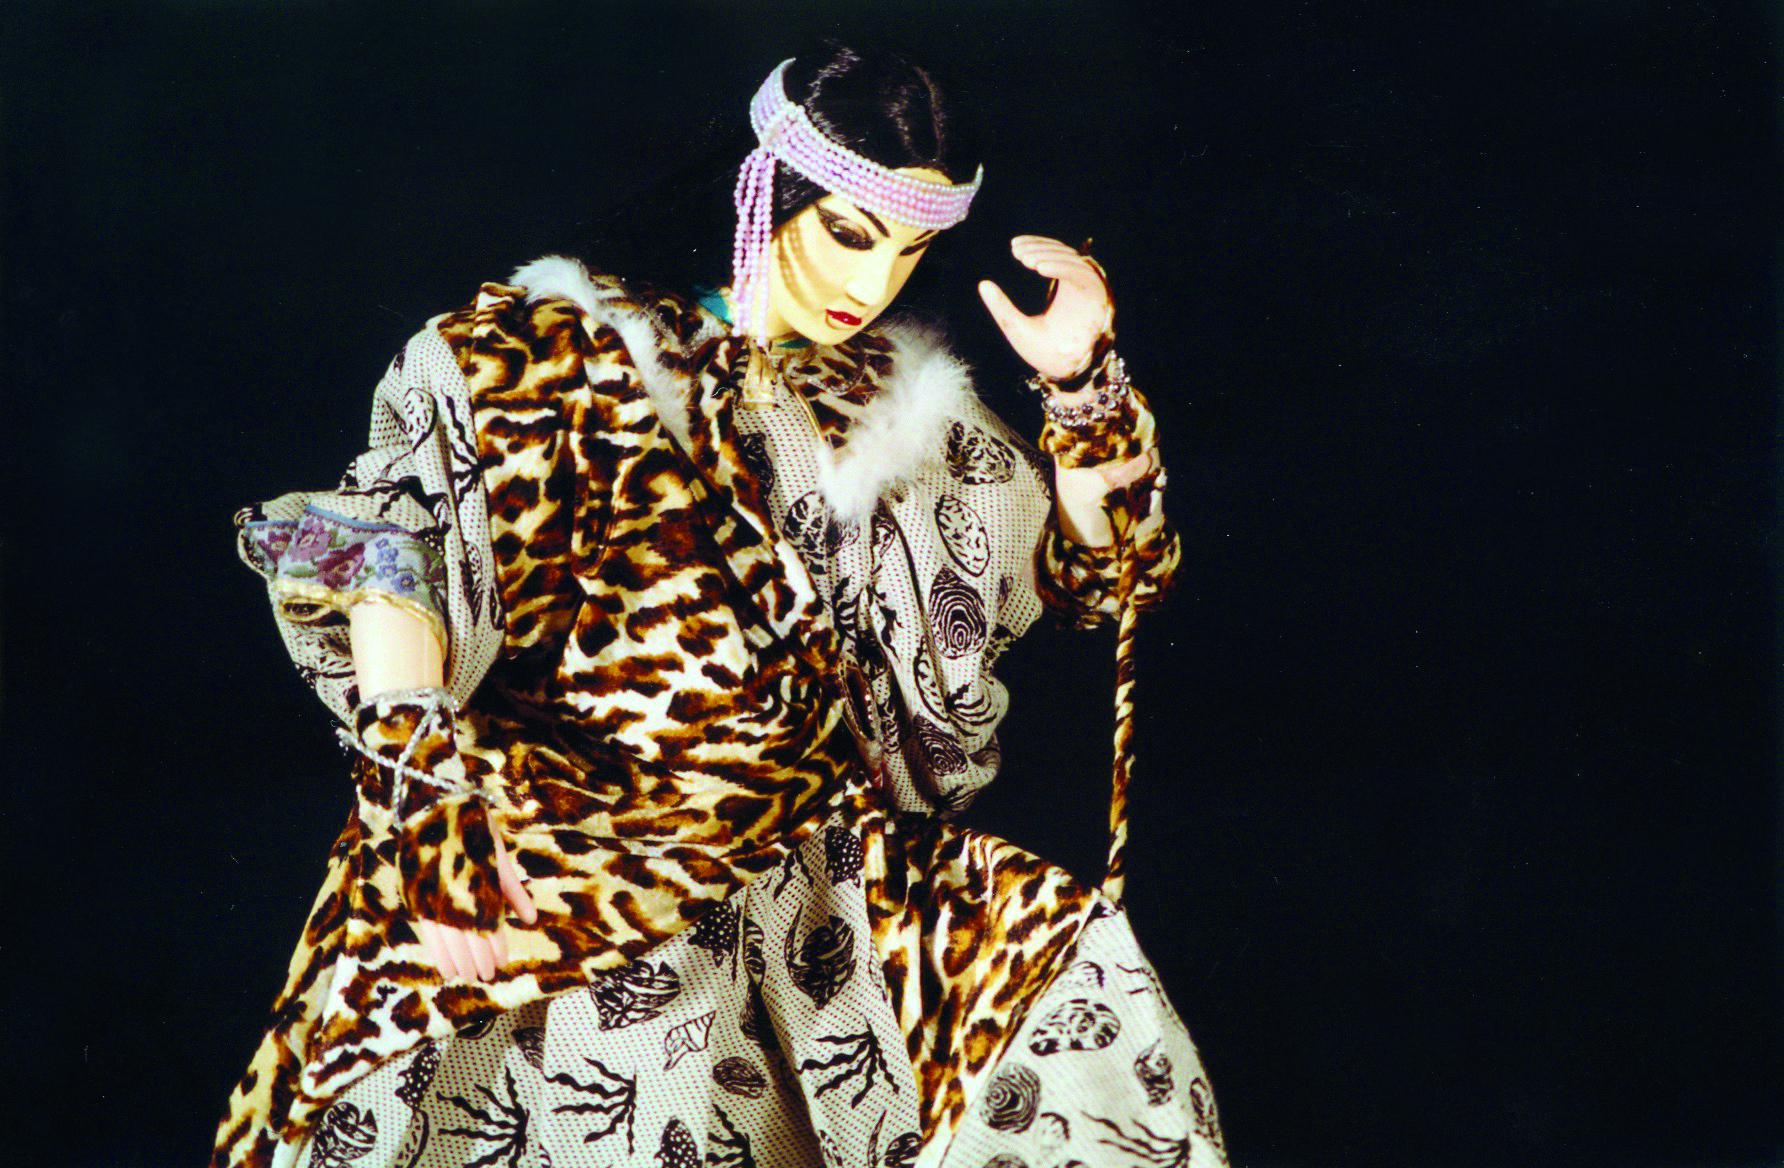 苦海女神龍一腳在劇中是史艷文的妻子,同名歌曲唱響大街小巷。.jpg